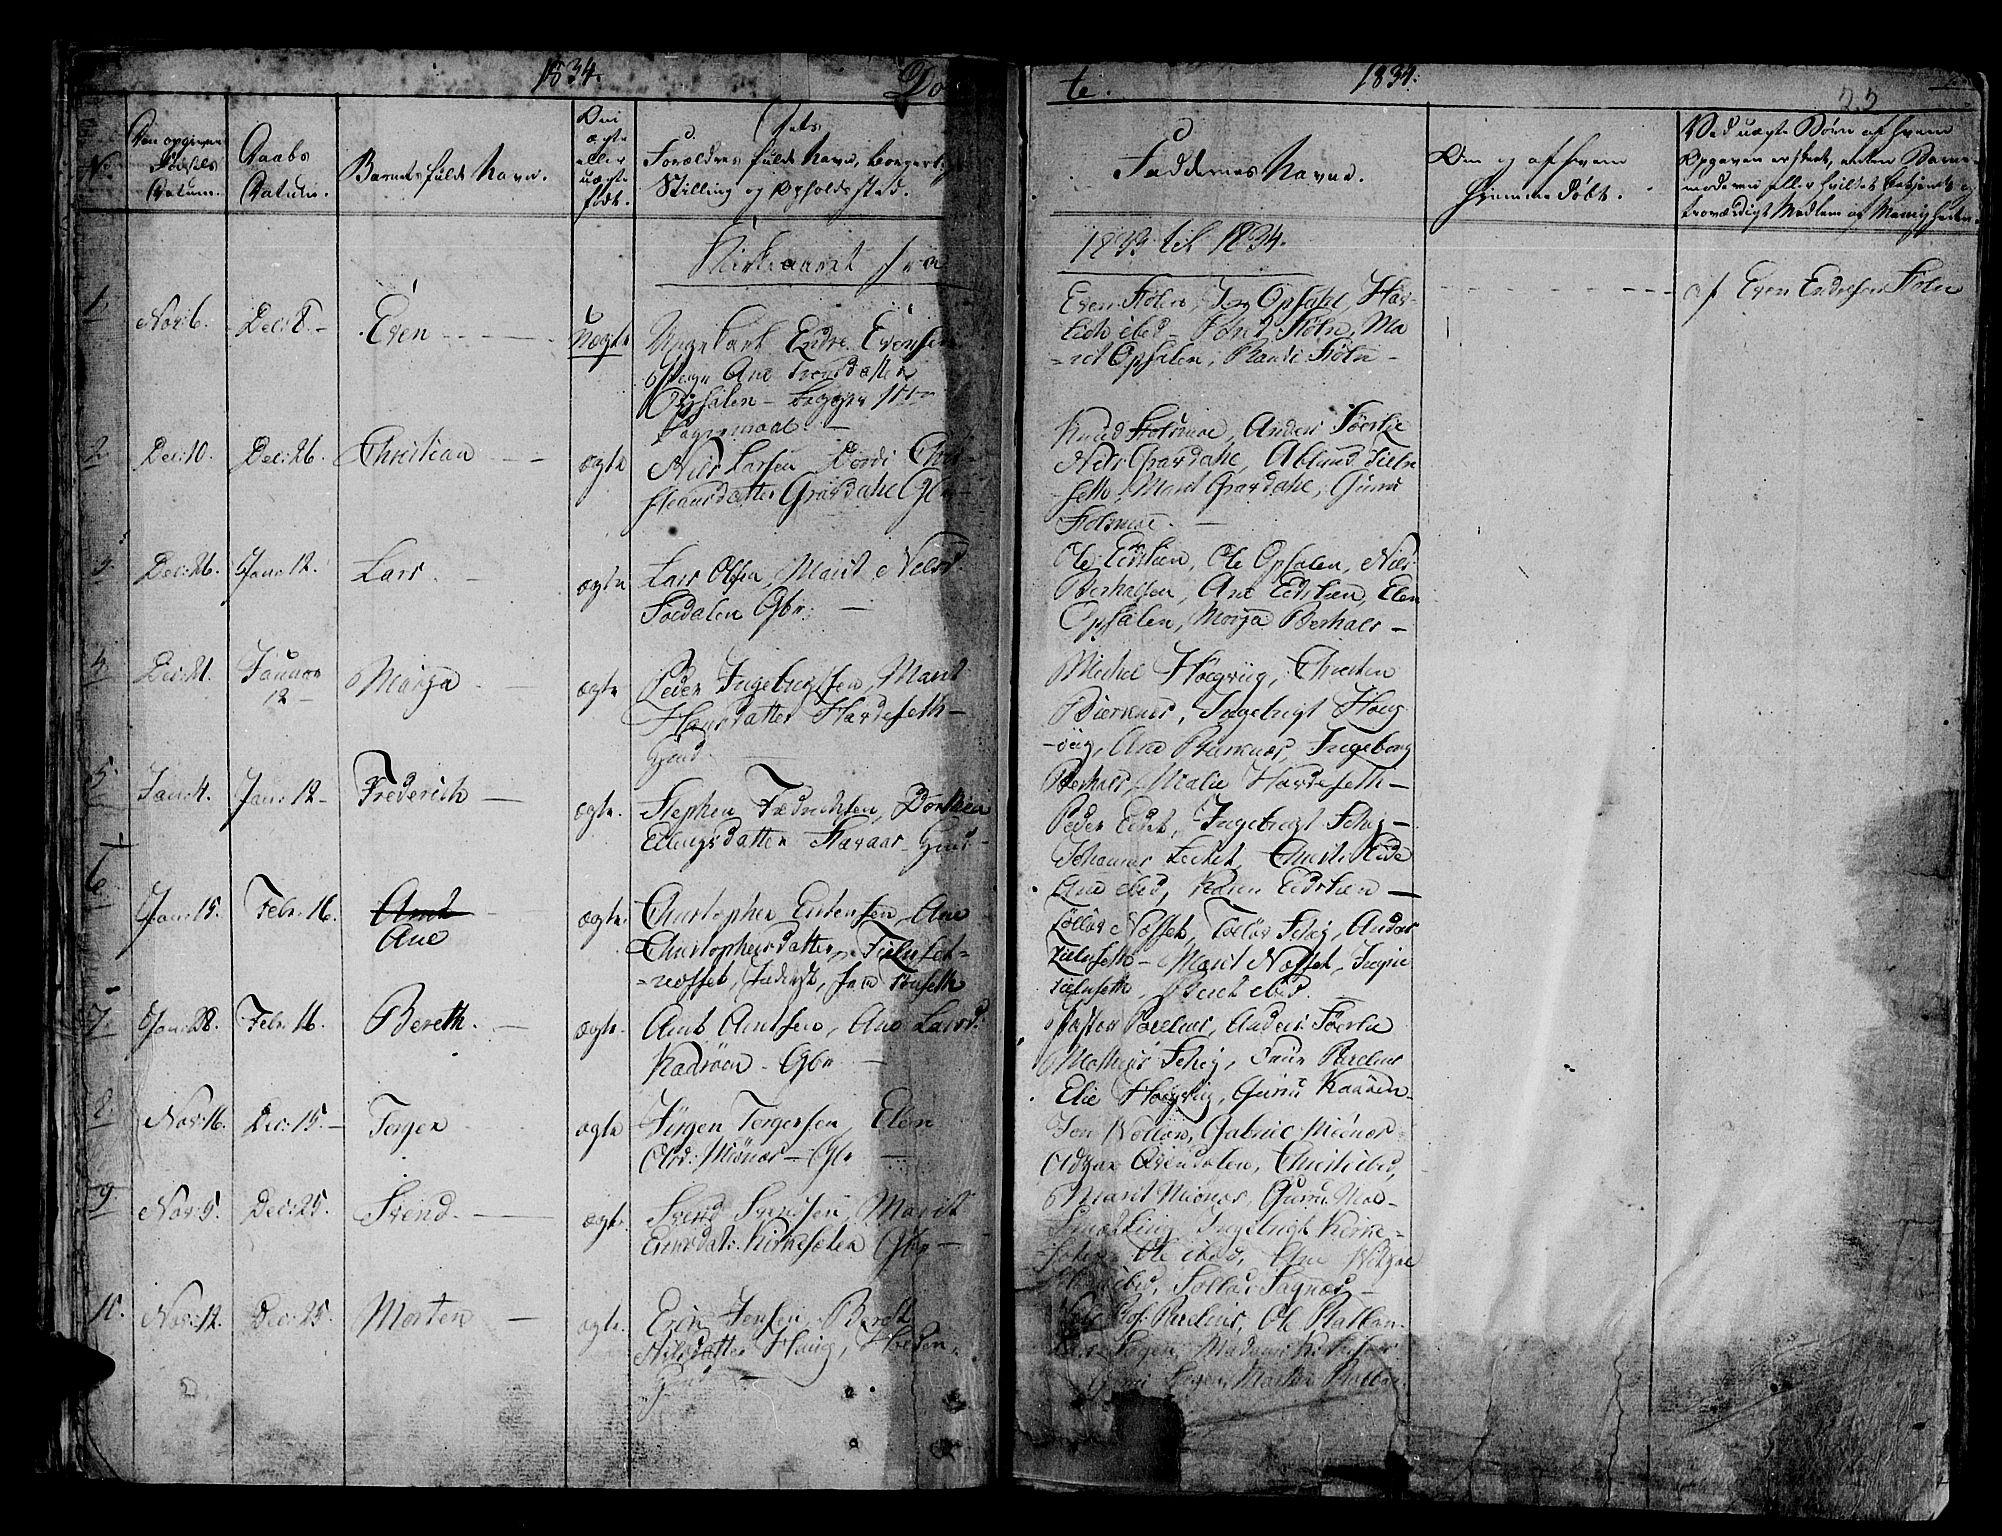 SAT, Ministerialprotokoller, klokkerbøker og fødselsregistre - Sør-Trøndelag, 630/L0492: Ministerialbok nr. 630A05, 1830-1840, s. 22